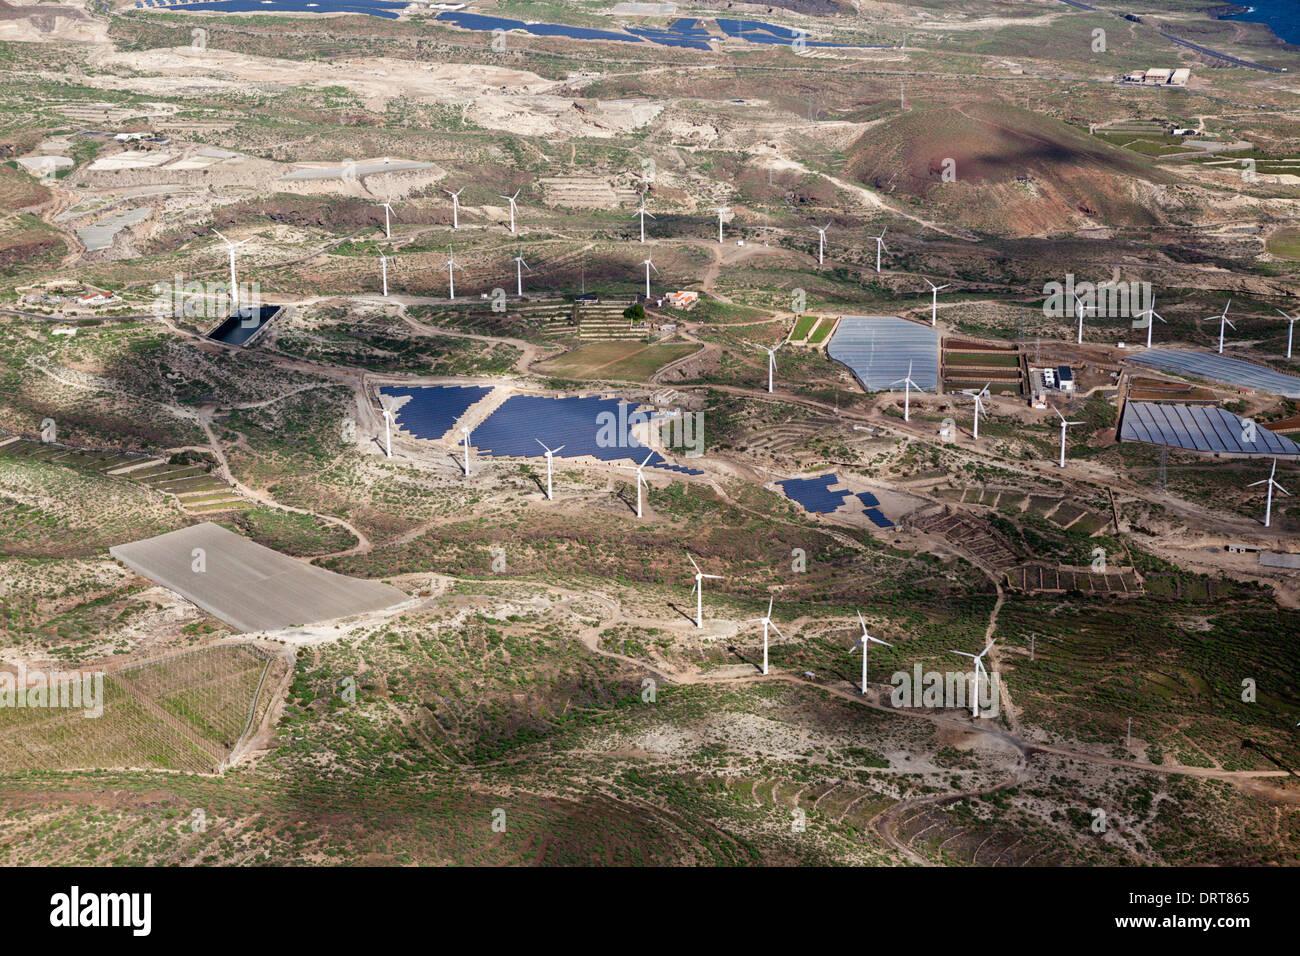 Aerial View Solarkollektoren und Wind Kraftwerk, Teneriffa, Spanien Stockbild